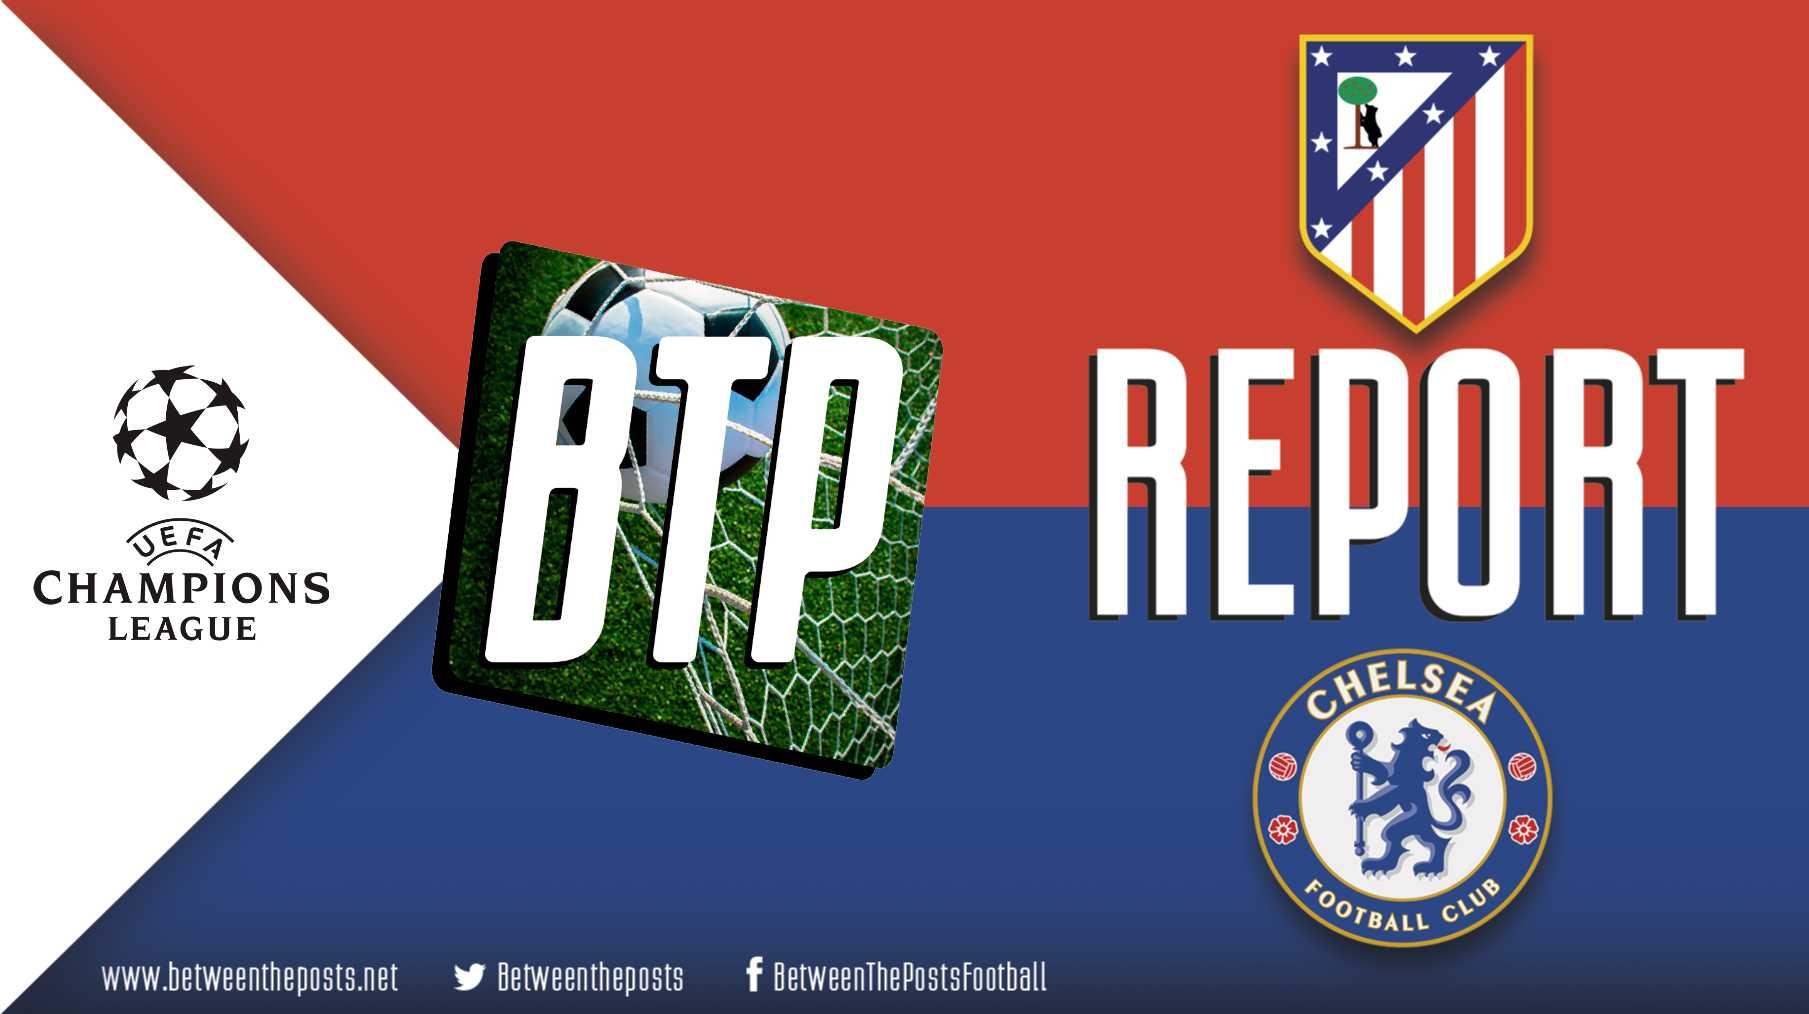 Atlético Madrid Chelsea 0-1 Champions League